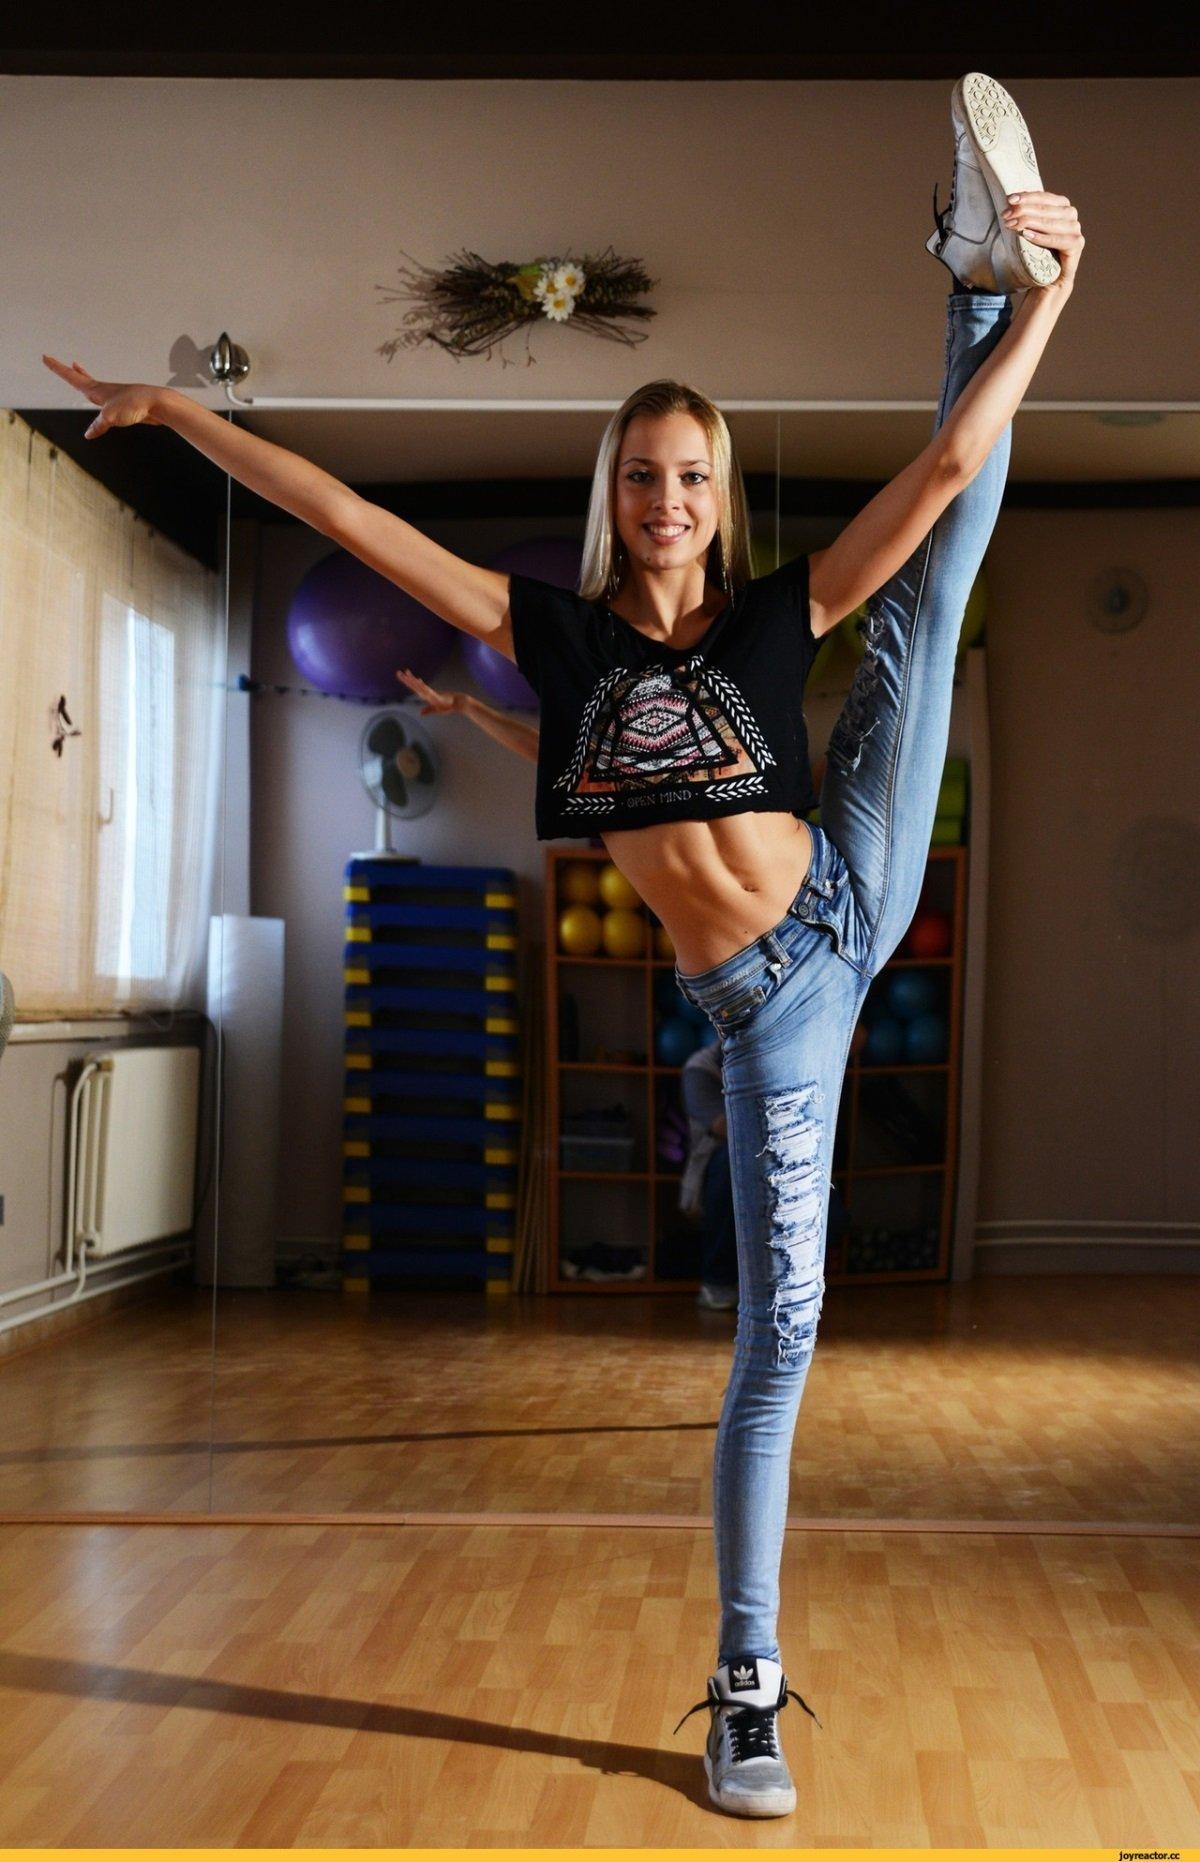 много спортсменки гимнастки фото растяжка сорвал